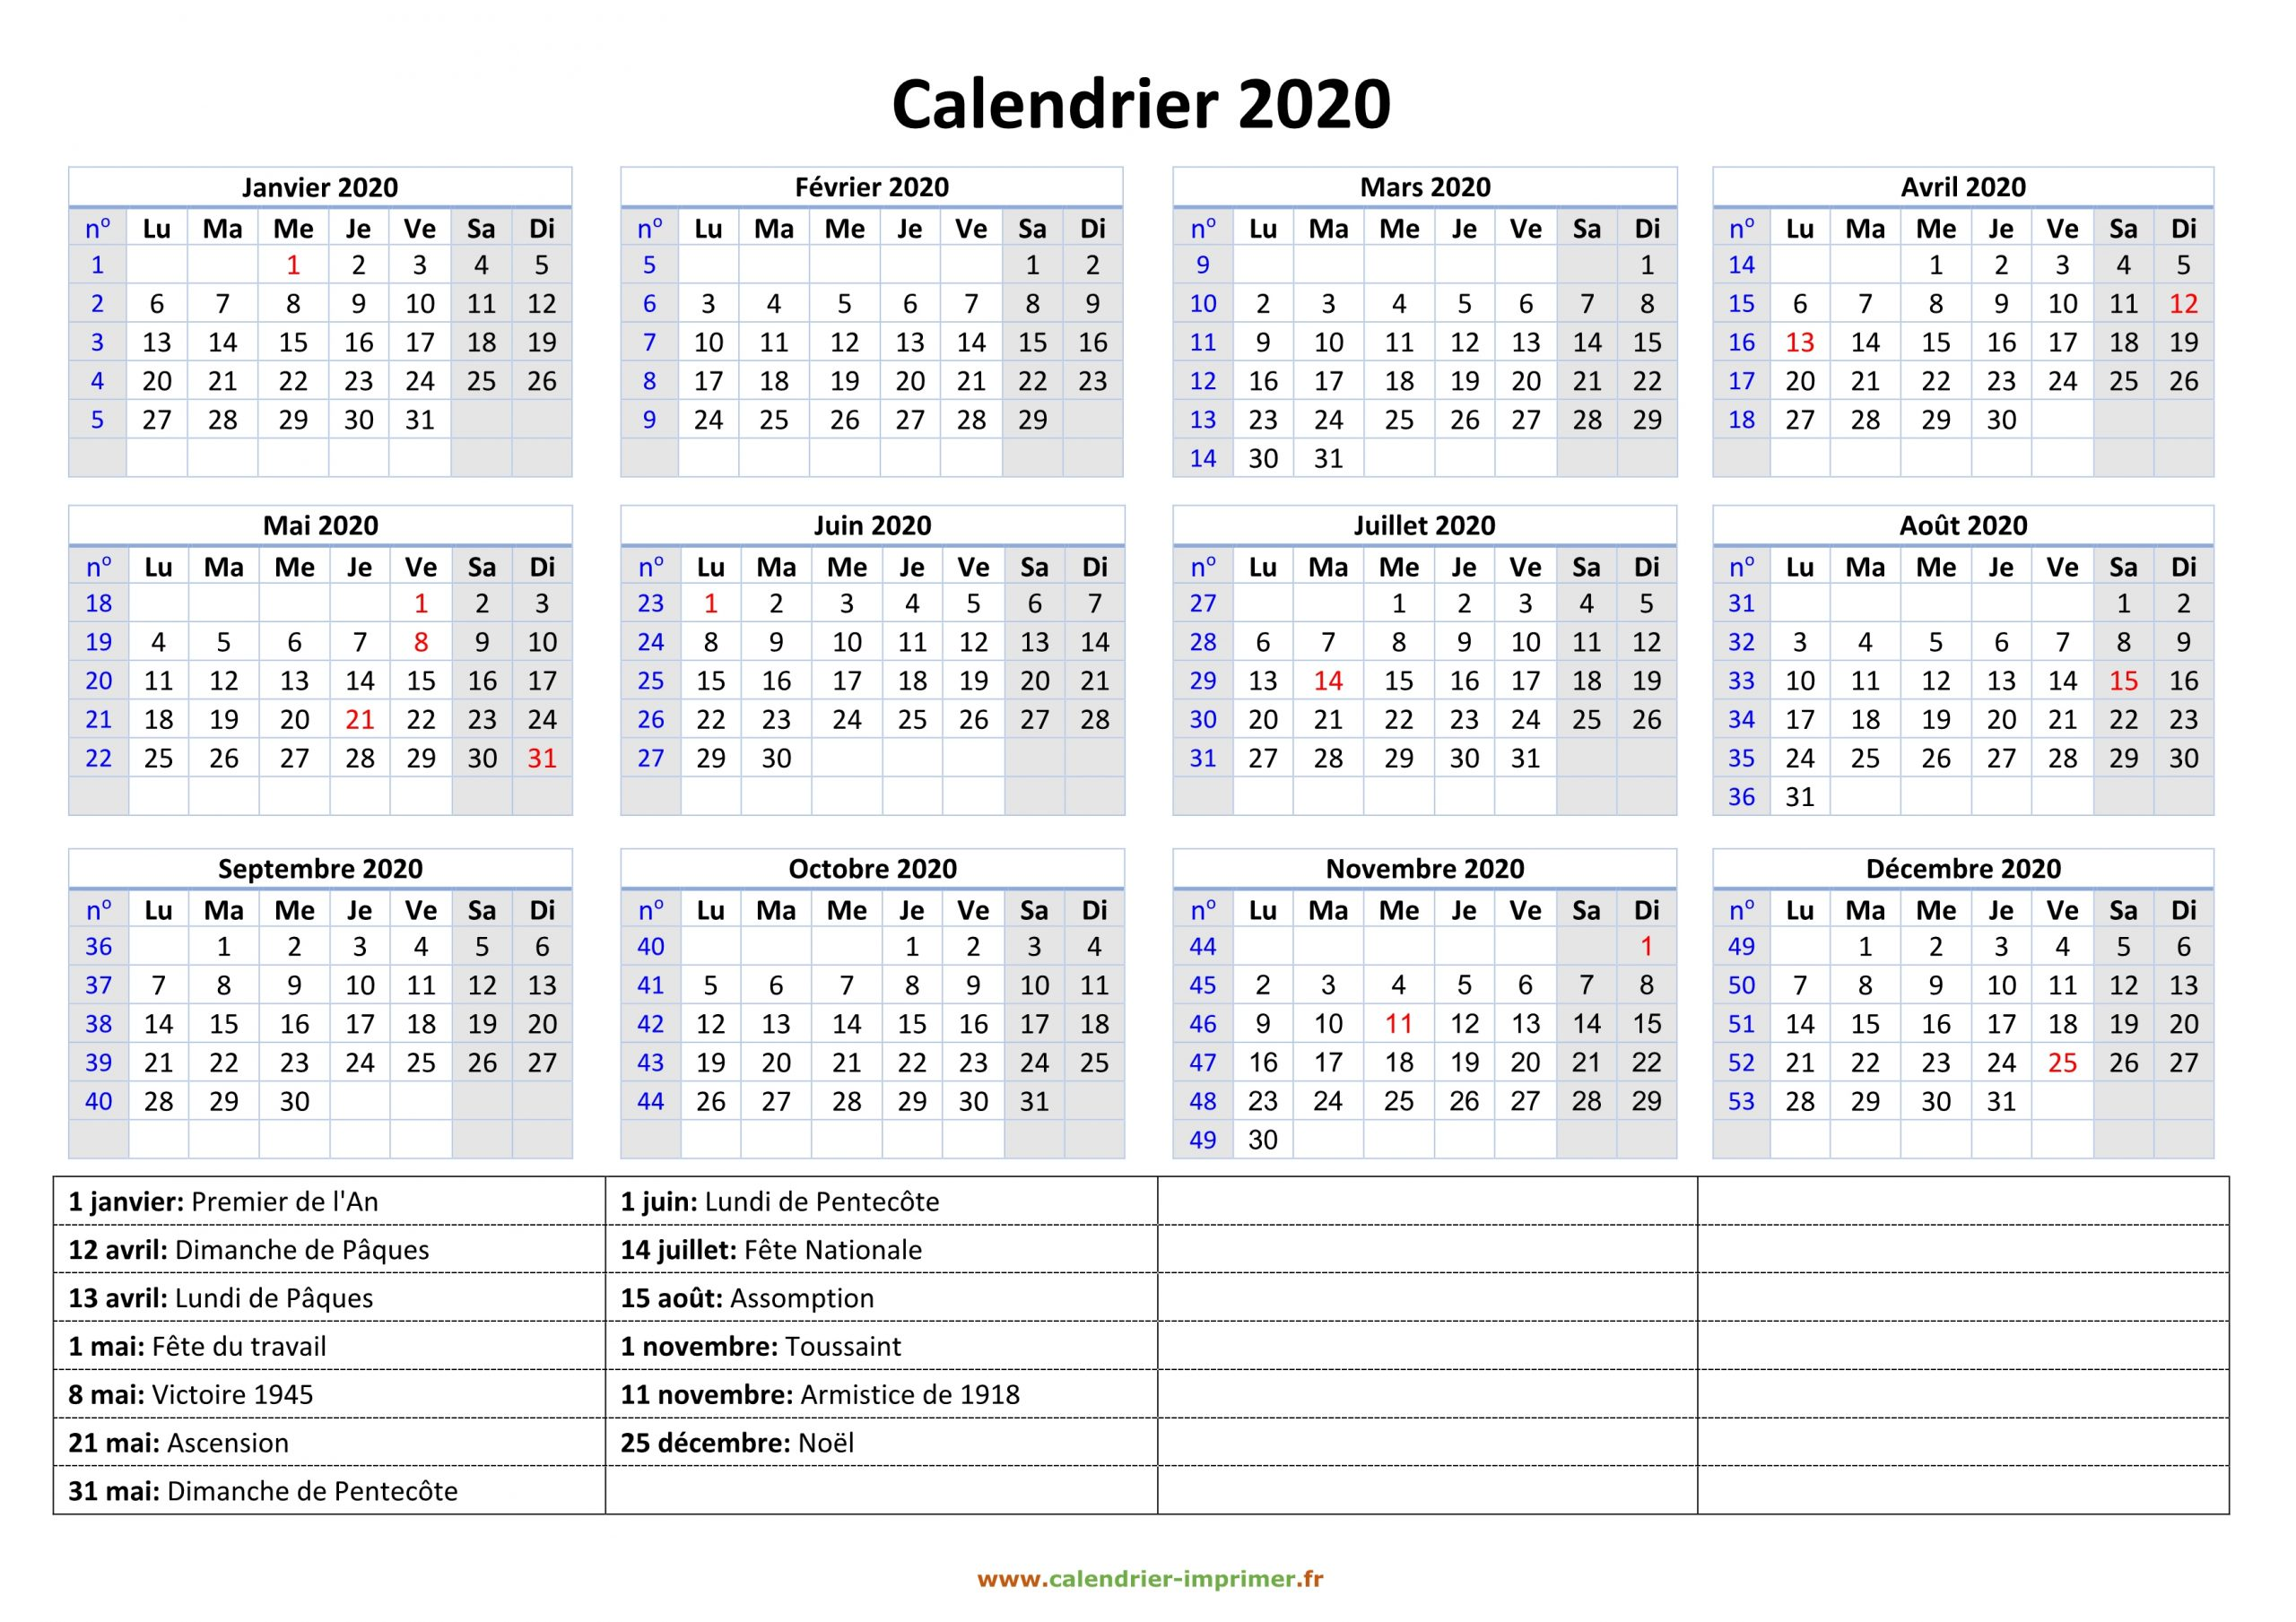 Calendrier 2020 À Imprimer Gratuit intérieur Agenda 2018 À Imprimer Gratuit